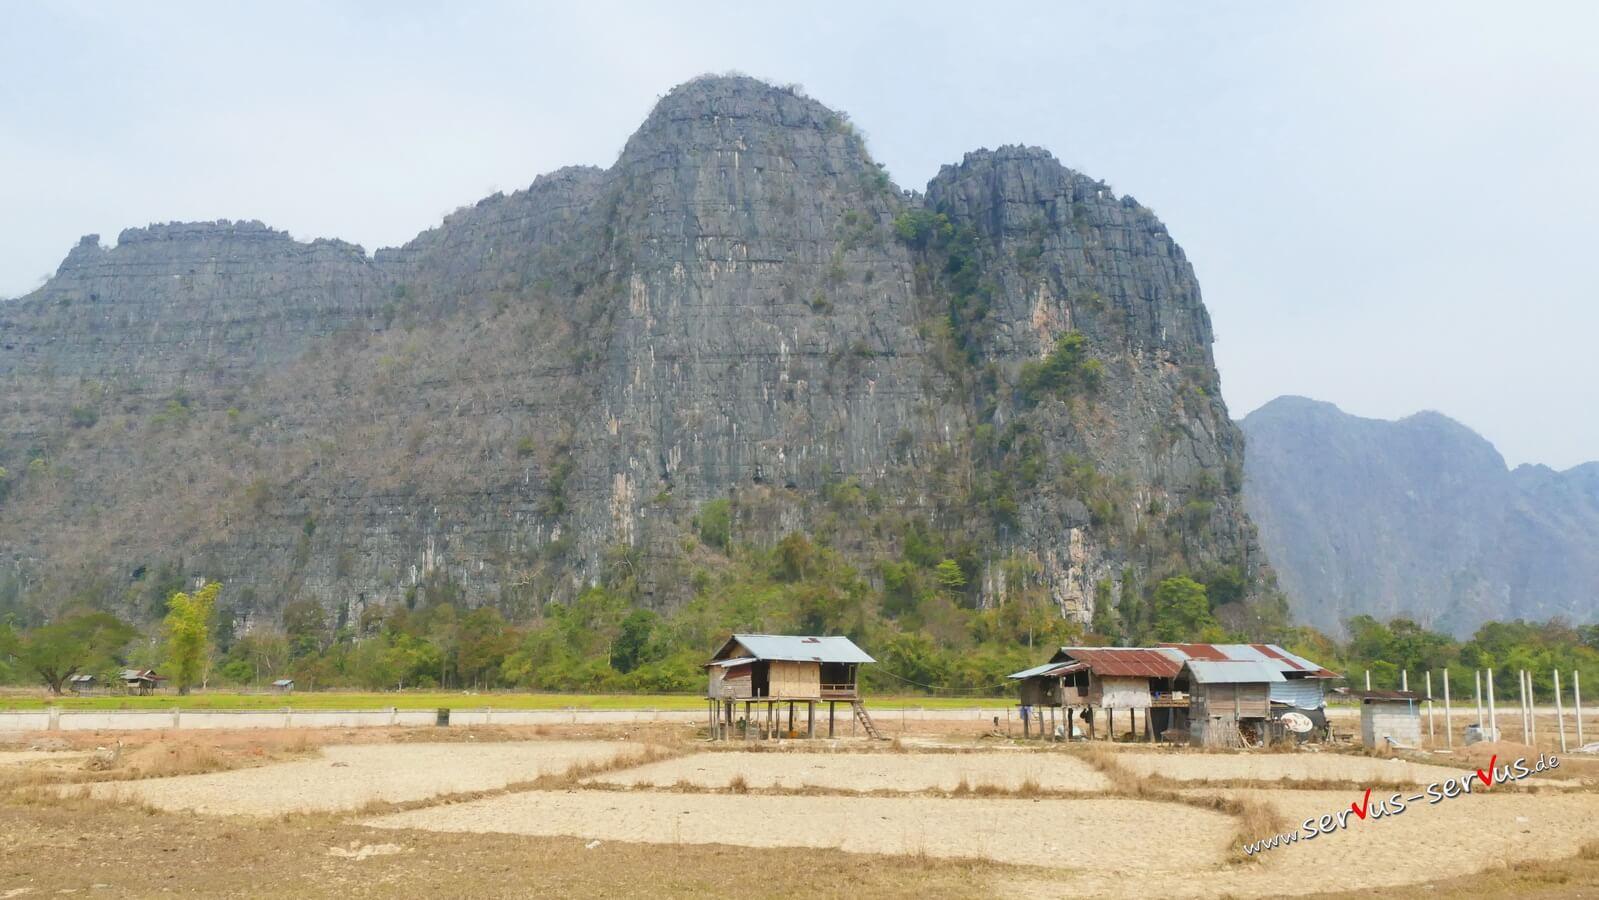 Berg und Hütten in Laos